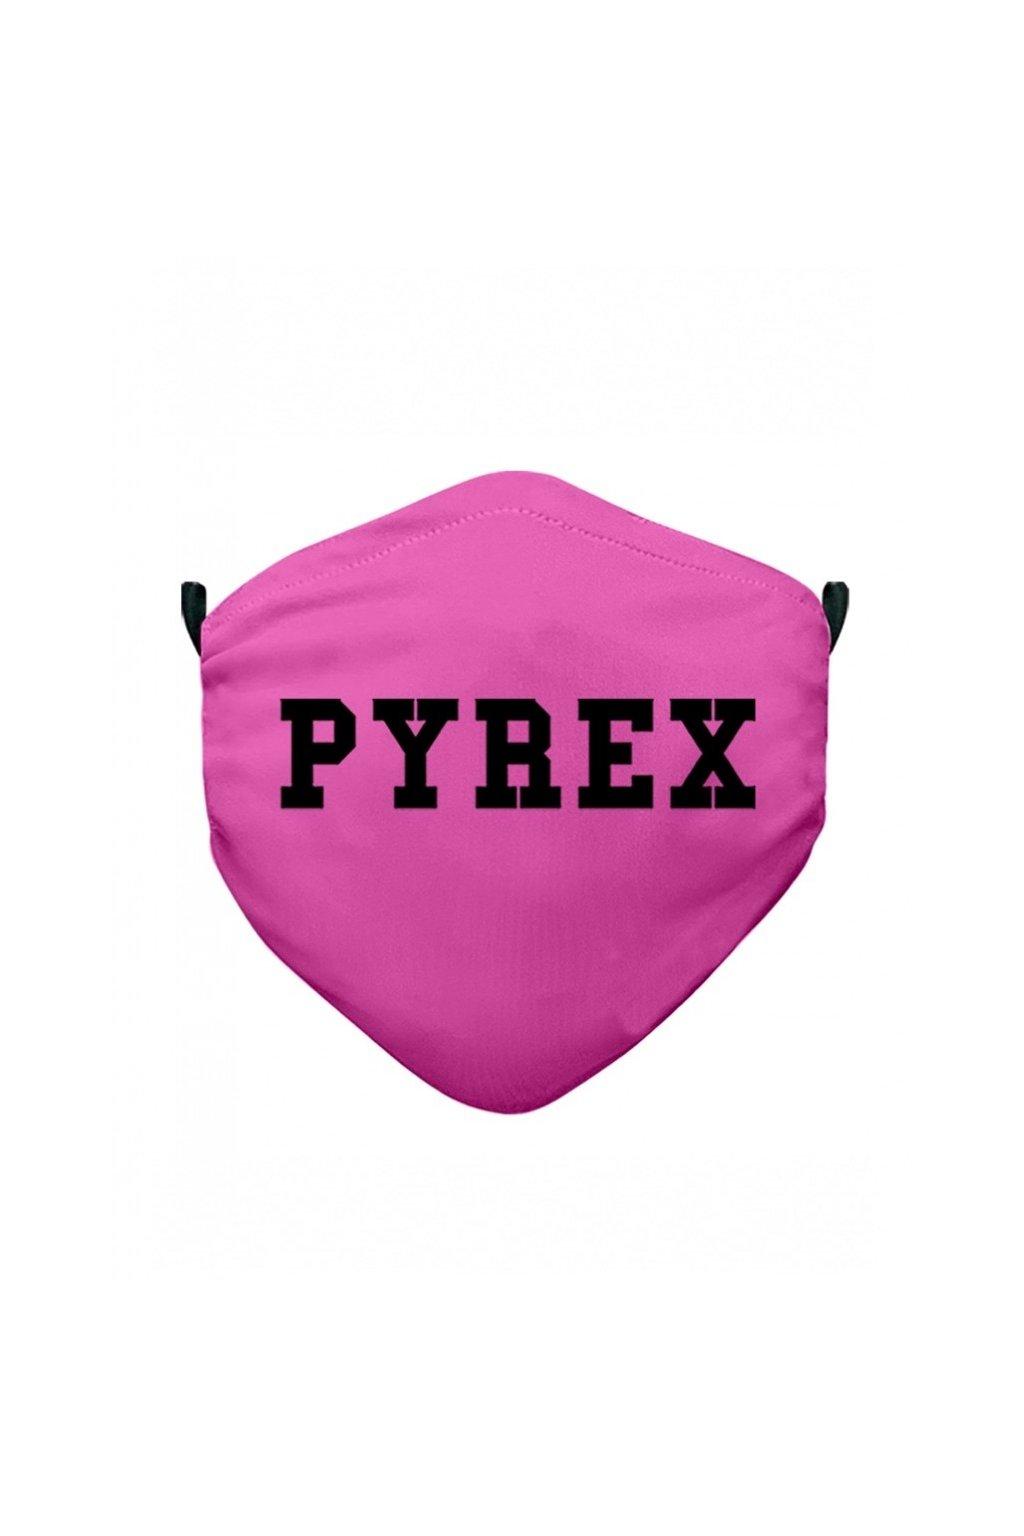 Rouška PYREX růžová s černým nápisem - UNI (Velikost Velikost UNI)